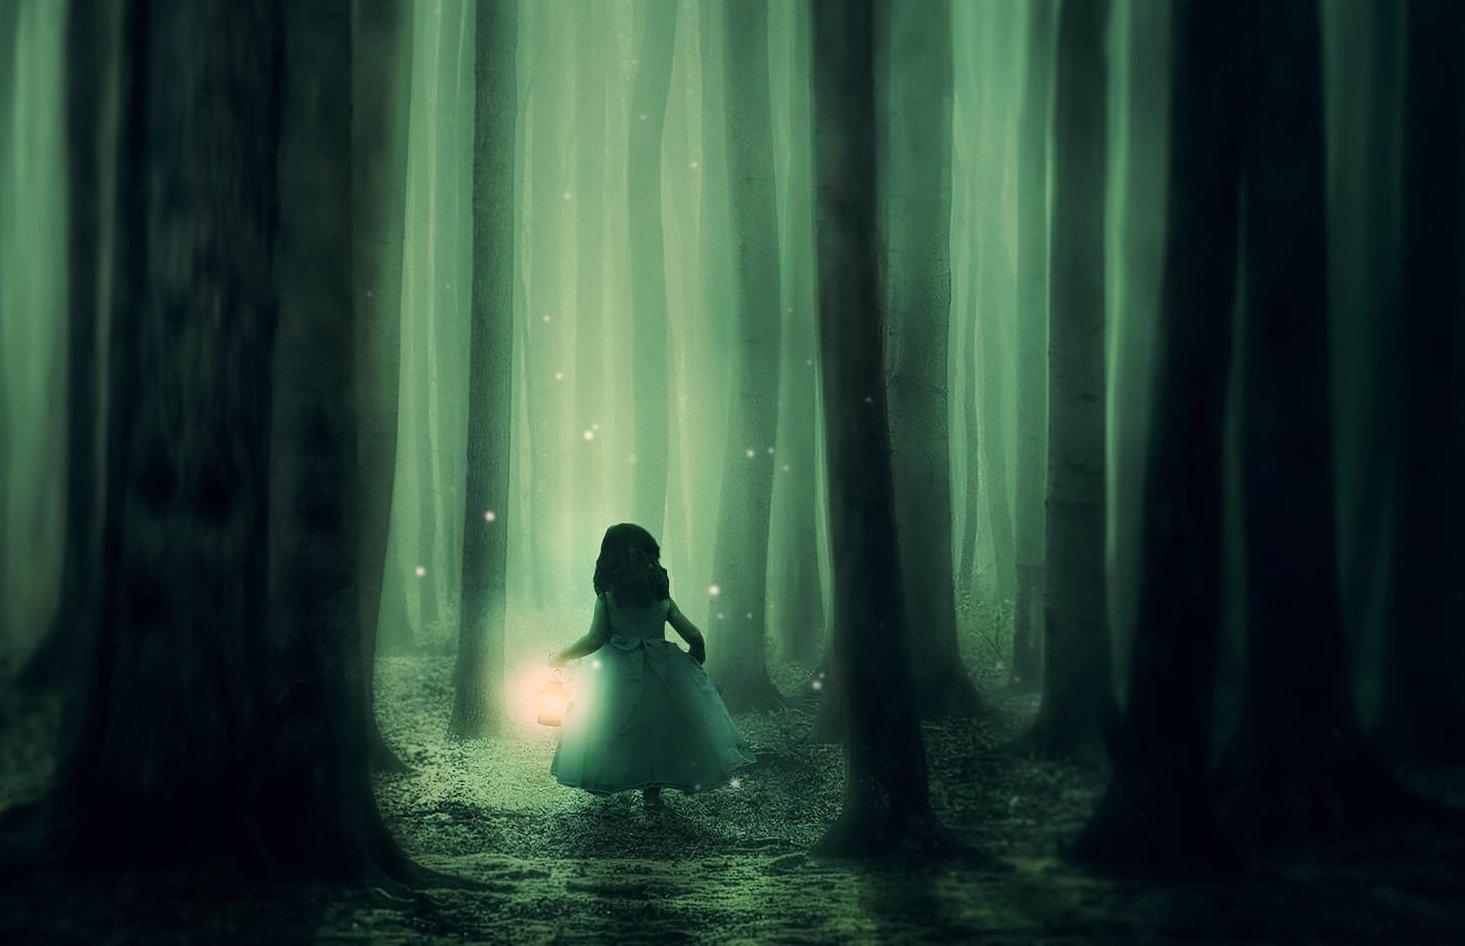 3 személyes sztori, 3 módszer, 3 út, hogy kijuss az erdőből